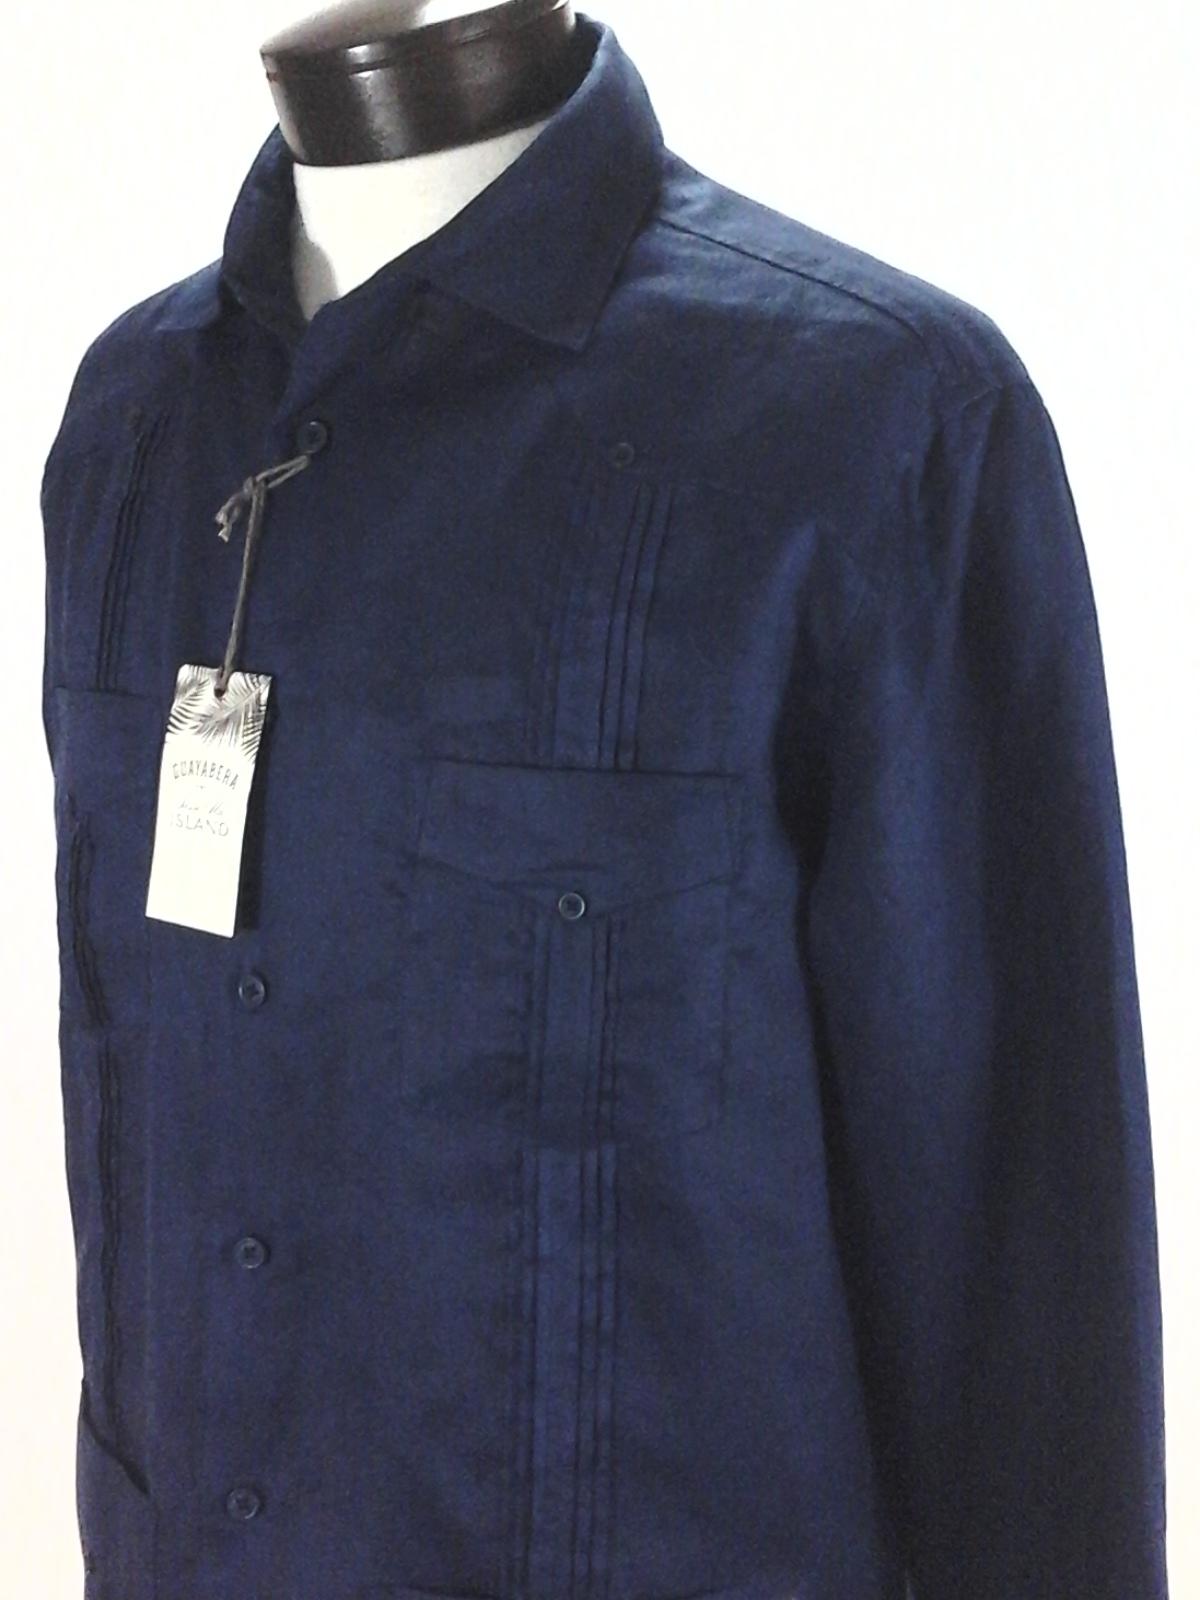 $115 TASSO ELBA Mens FIT BLUE LINEN SHORT-SLEEVE BUTTON POCKET GUAYABERA SHIRT M